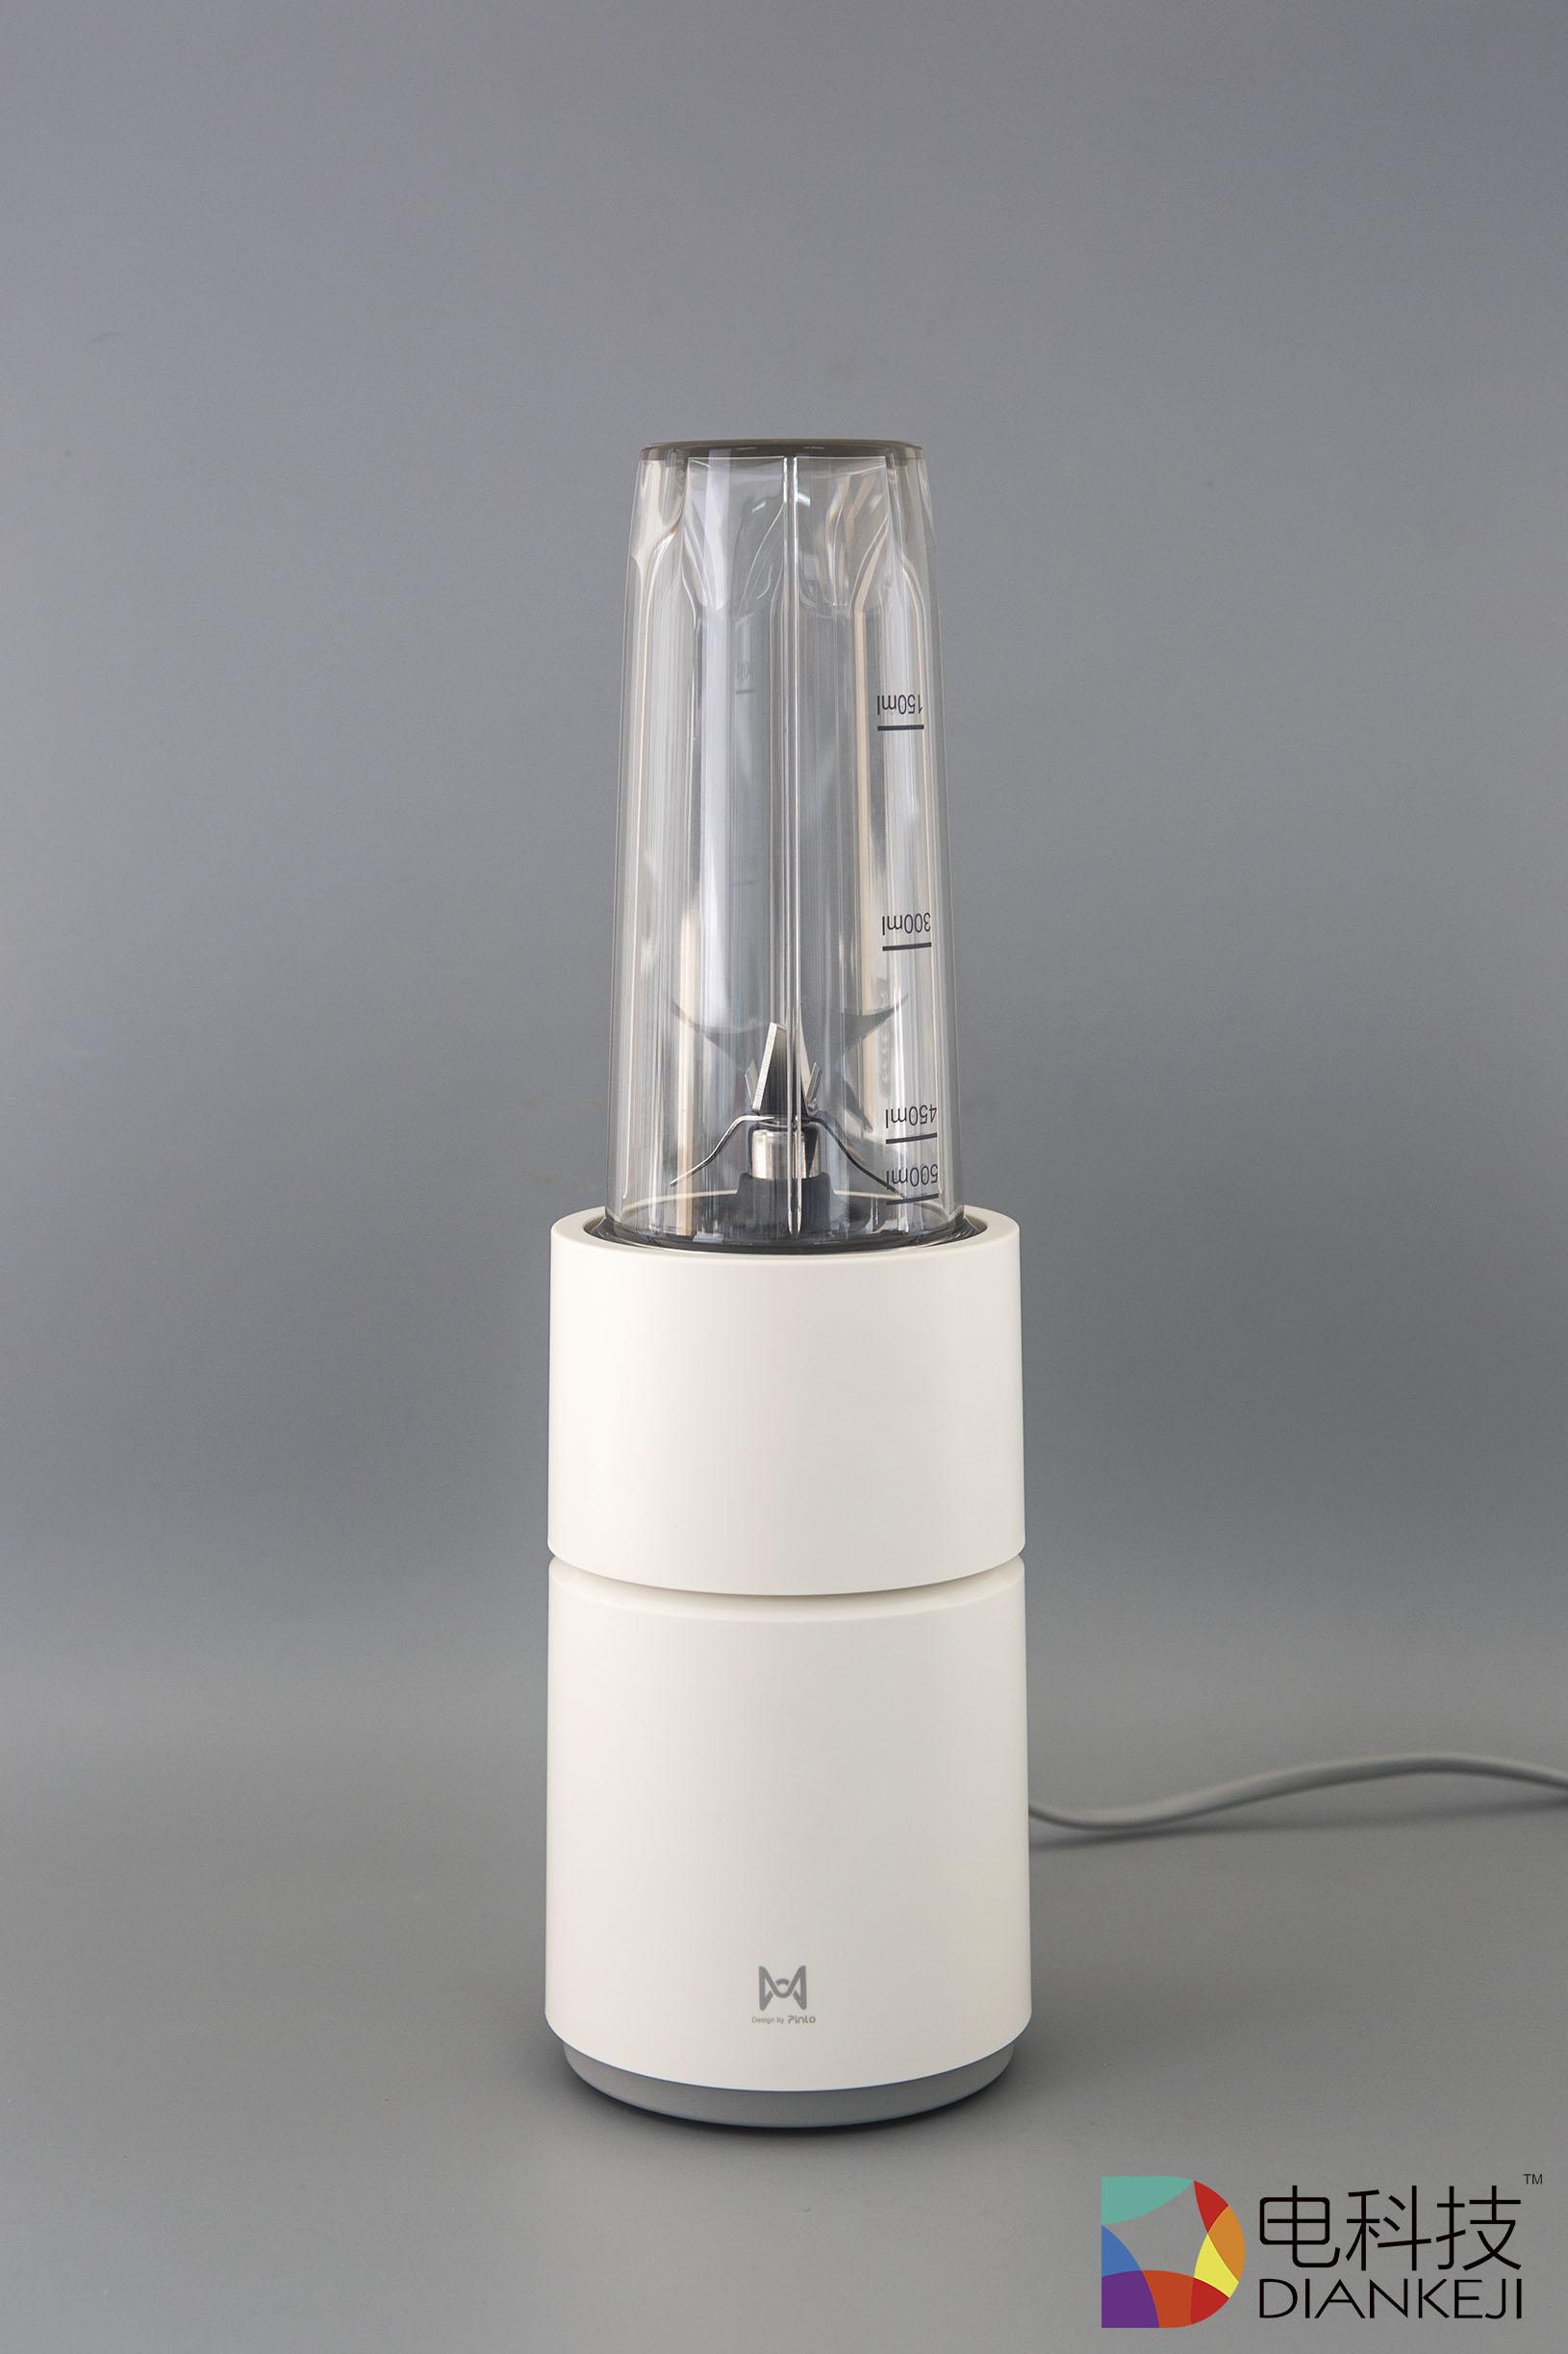 小米品罗料理机:设计匠心独运的百元机,三万转速五秒榨汁